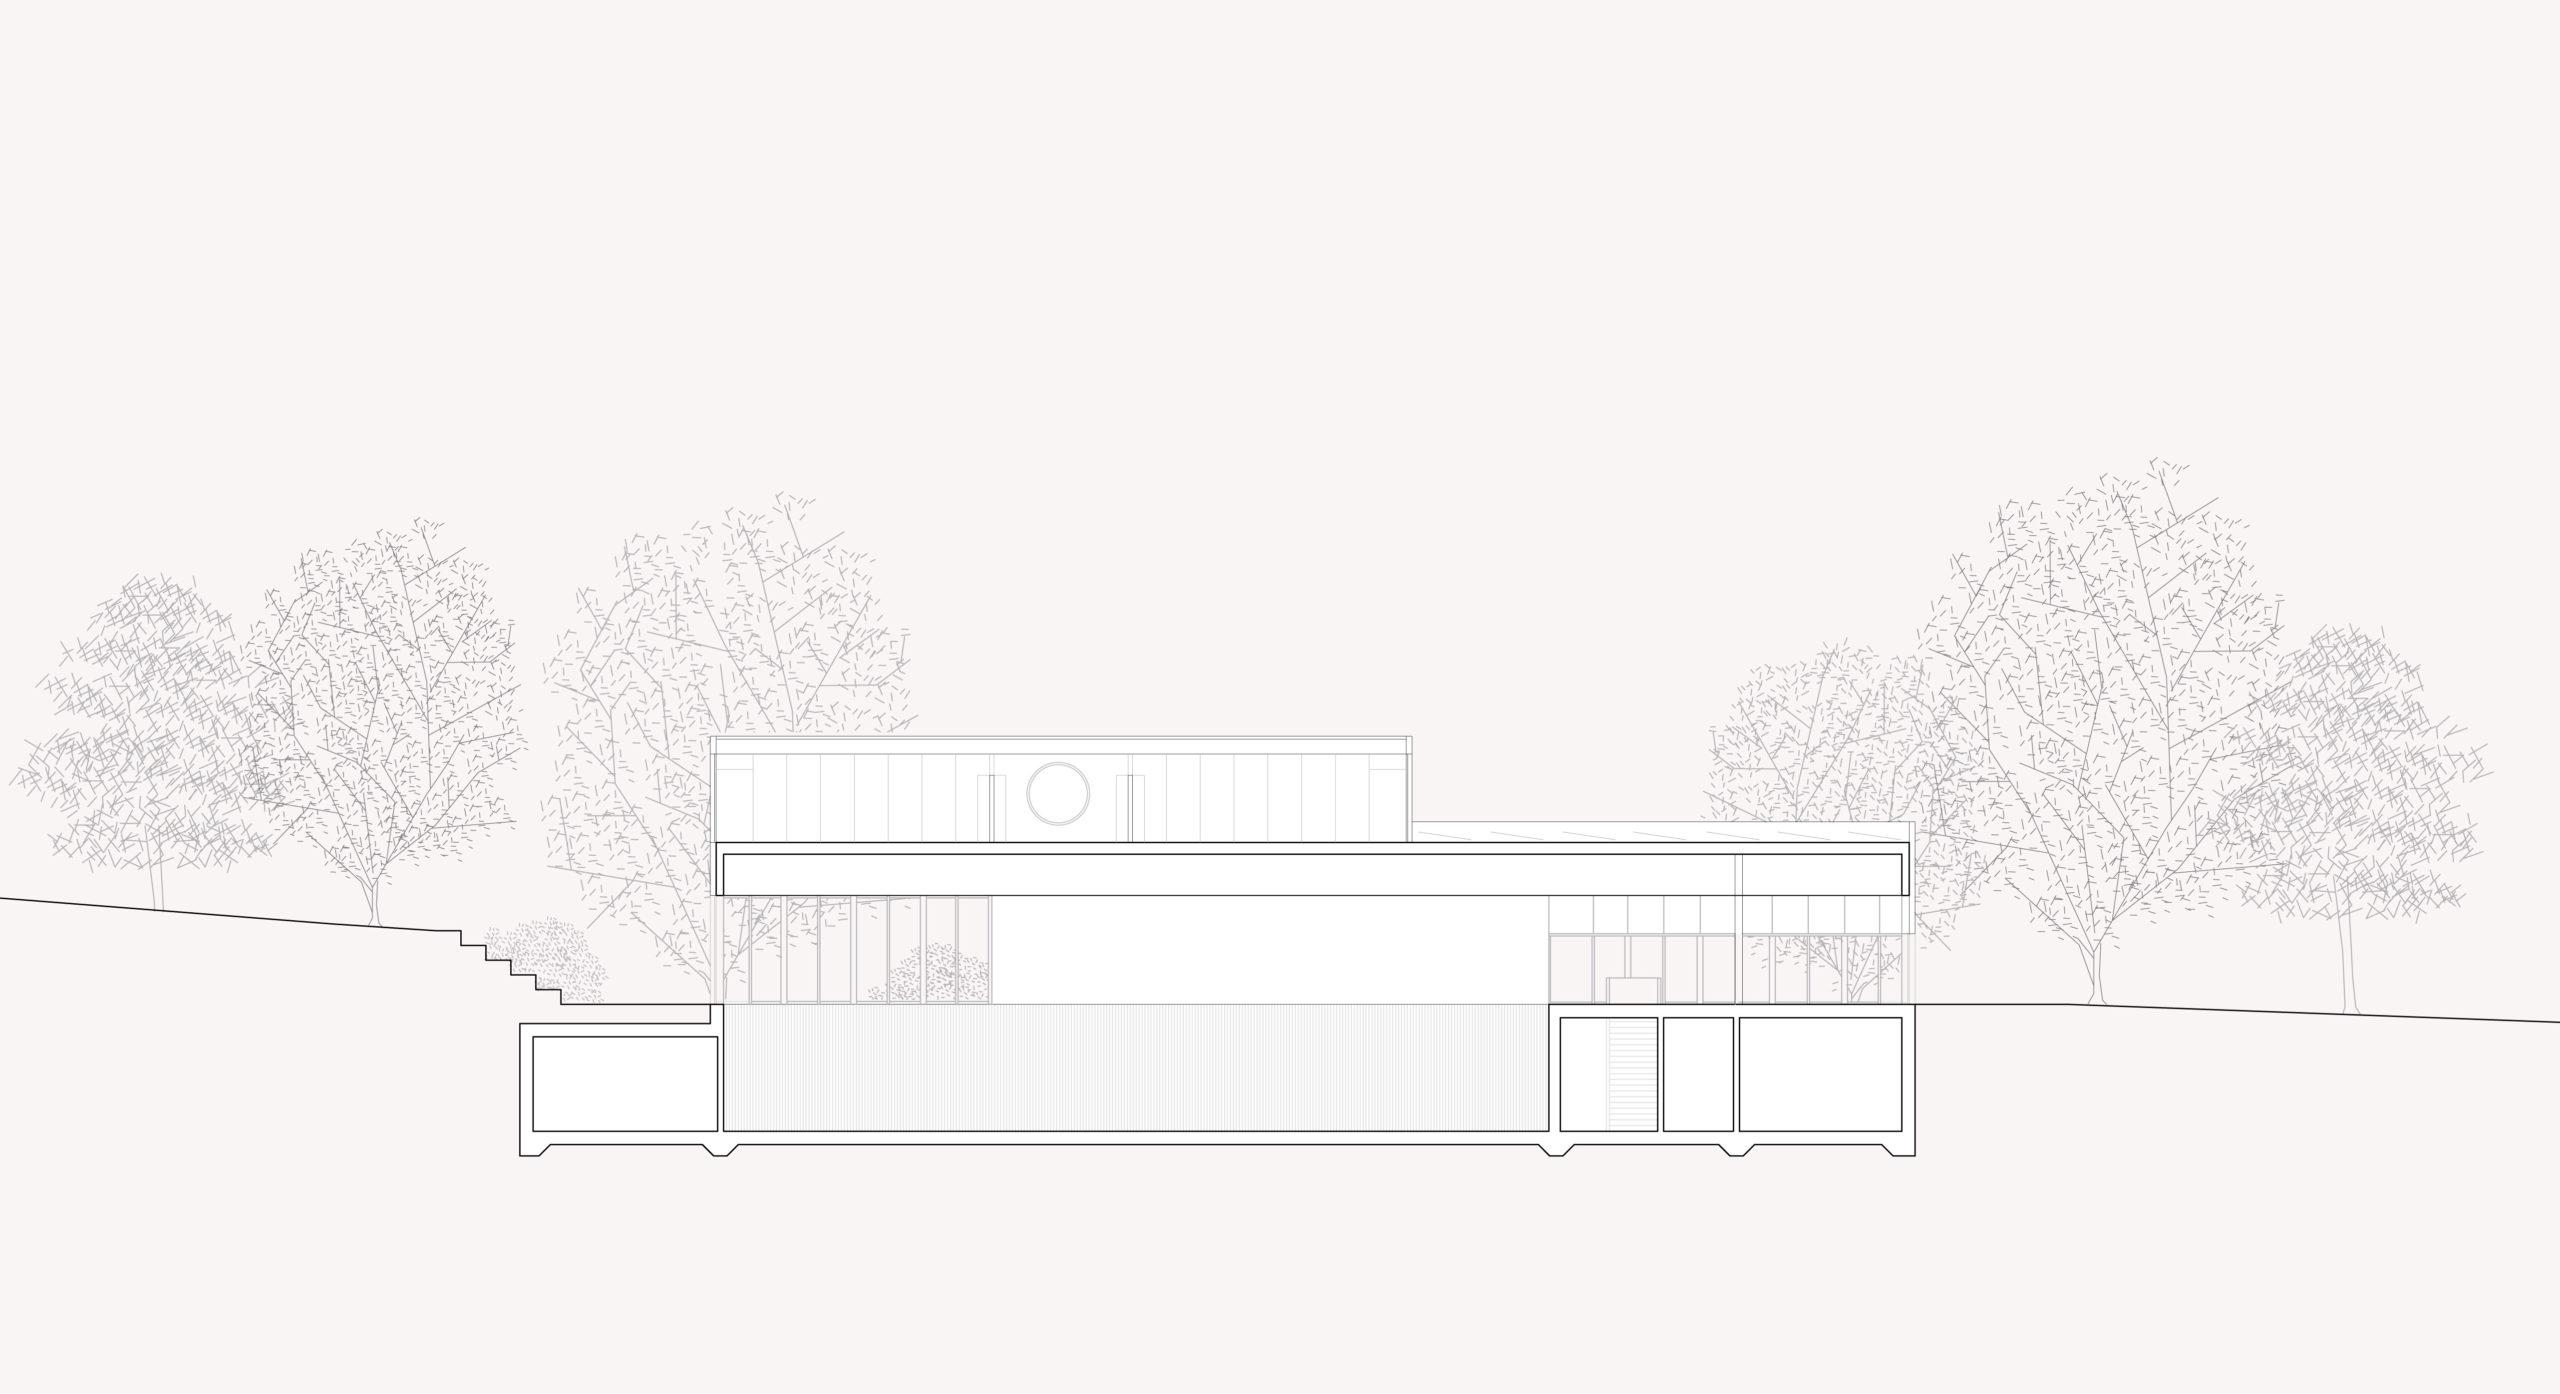 STUDIO CORNEL STAEHELI Schulraumerweiterung und Neubau Doppelturnhalle SH Kastels Schnitt